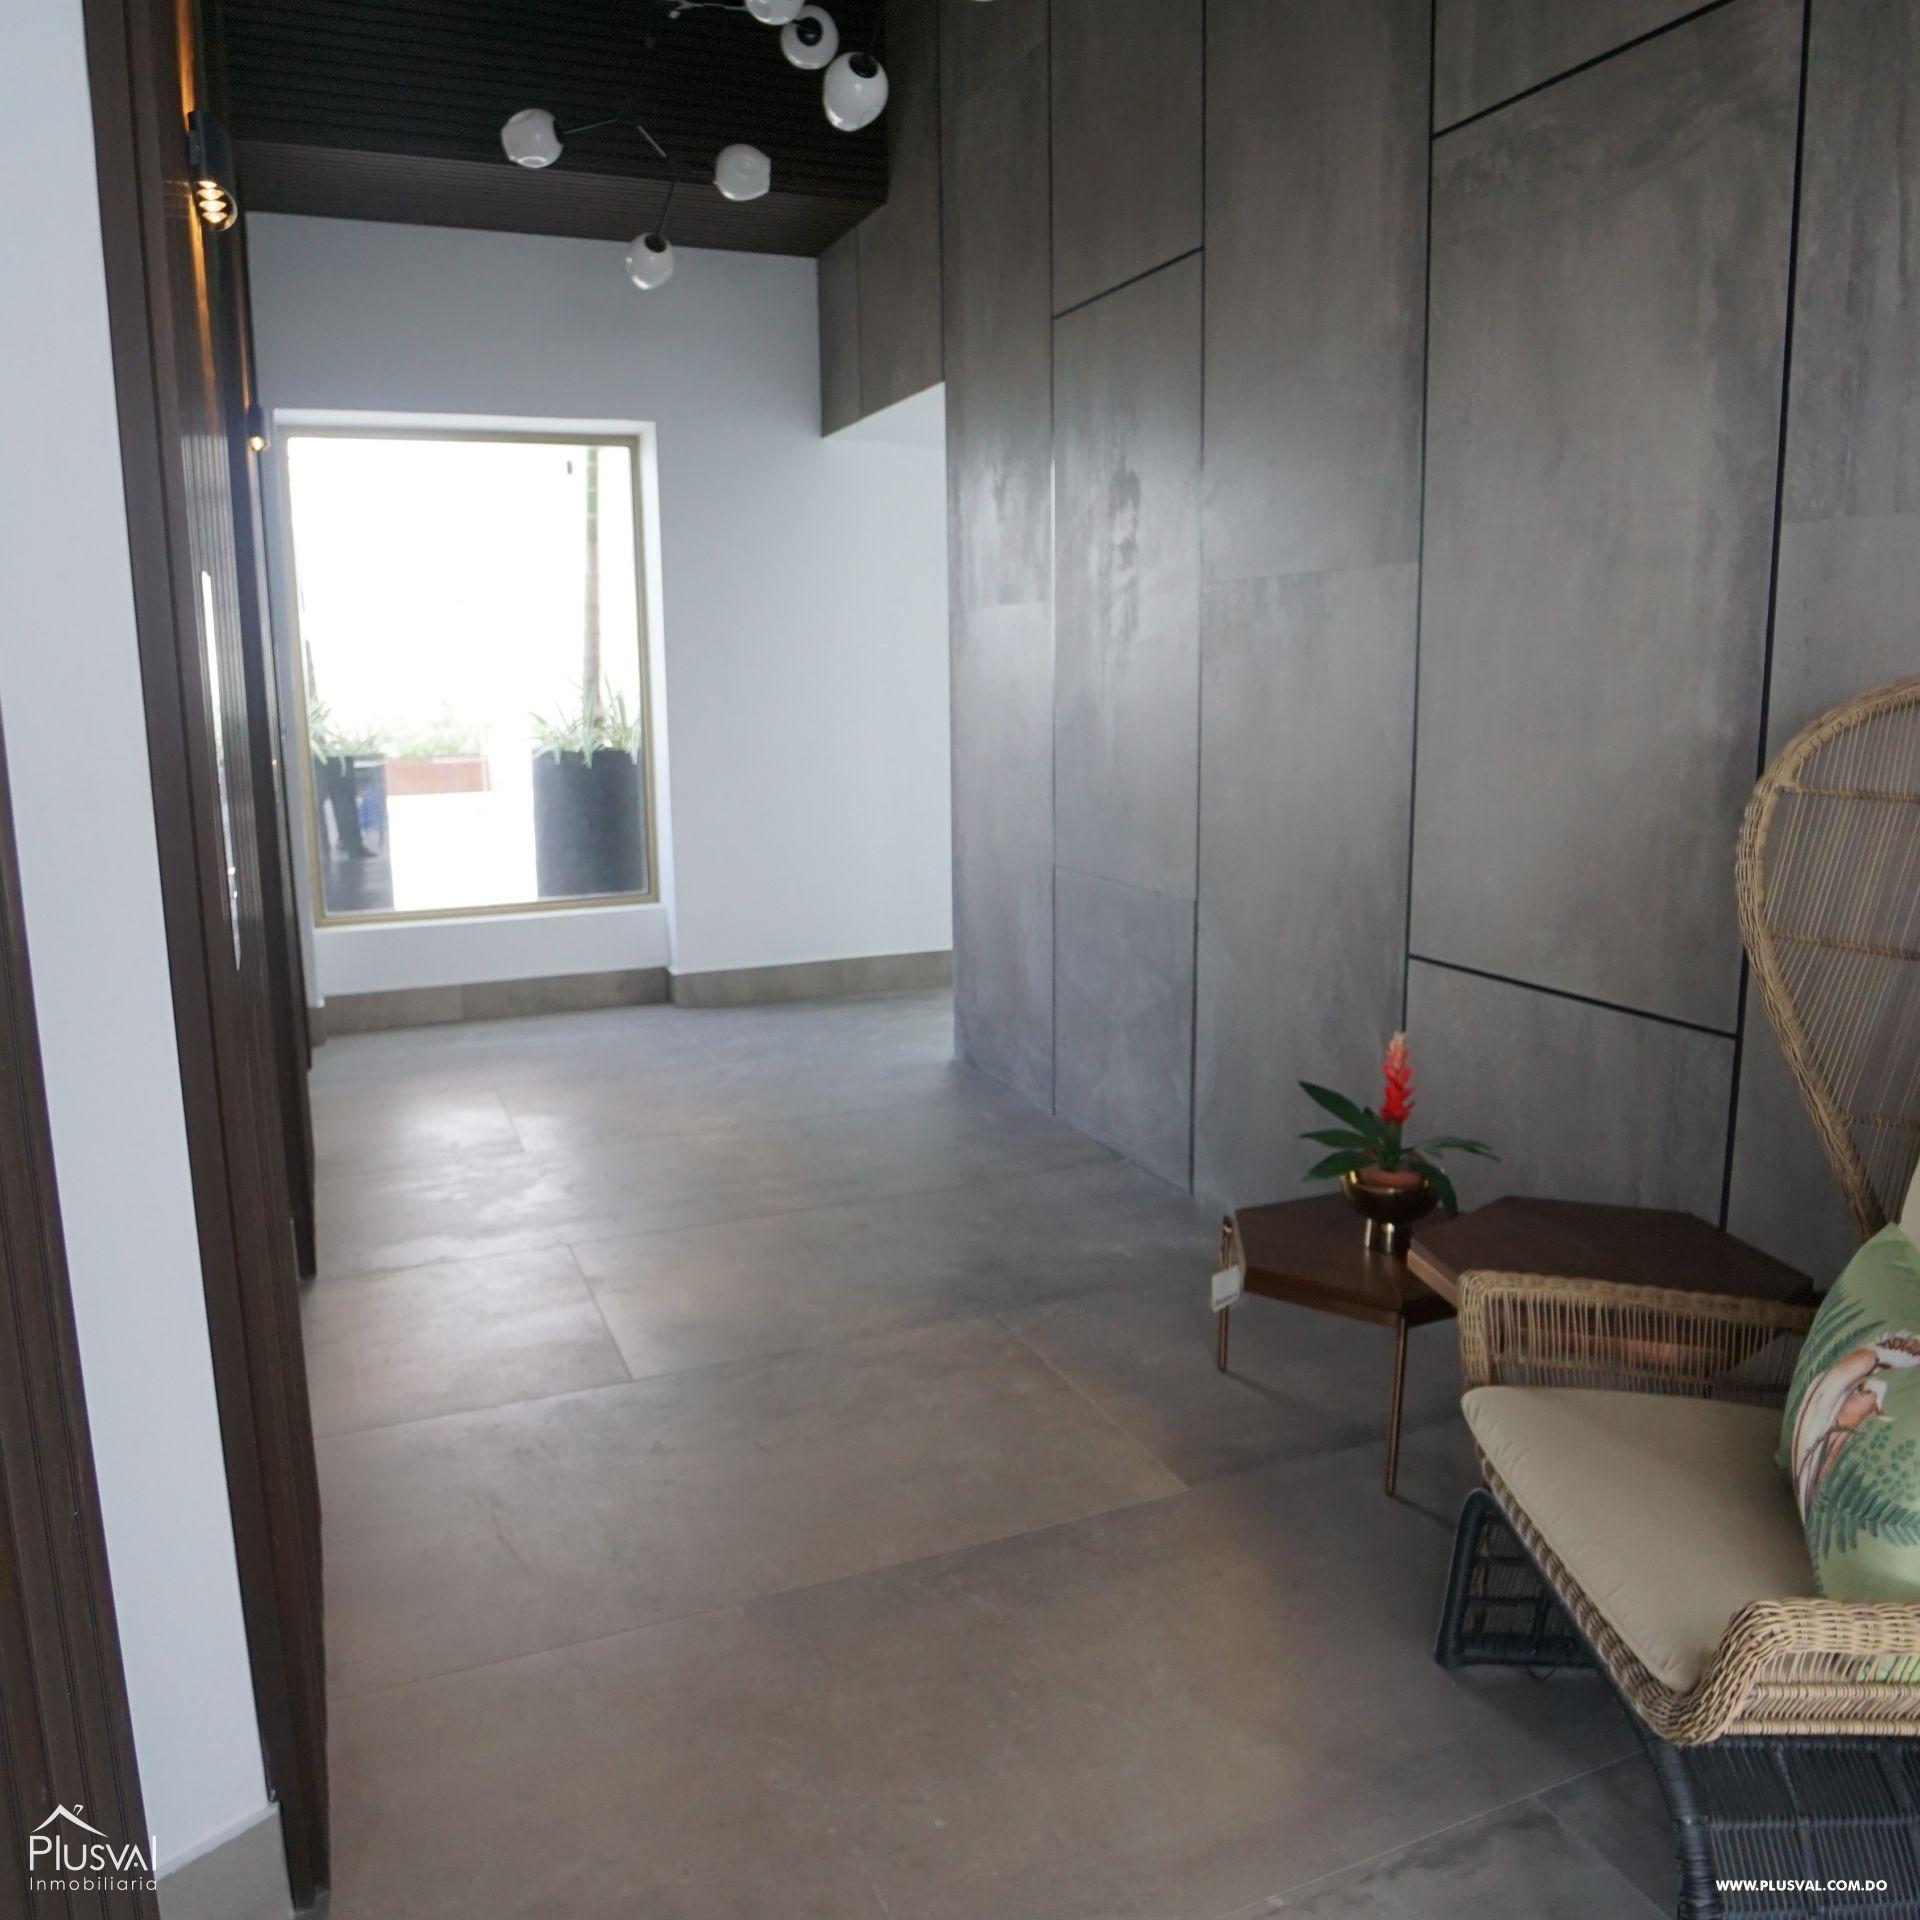 Apartamento en alquiler con linea blanca en Piantini 183098